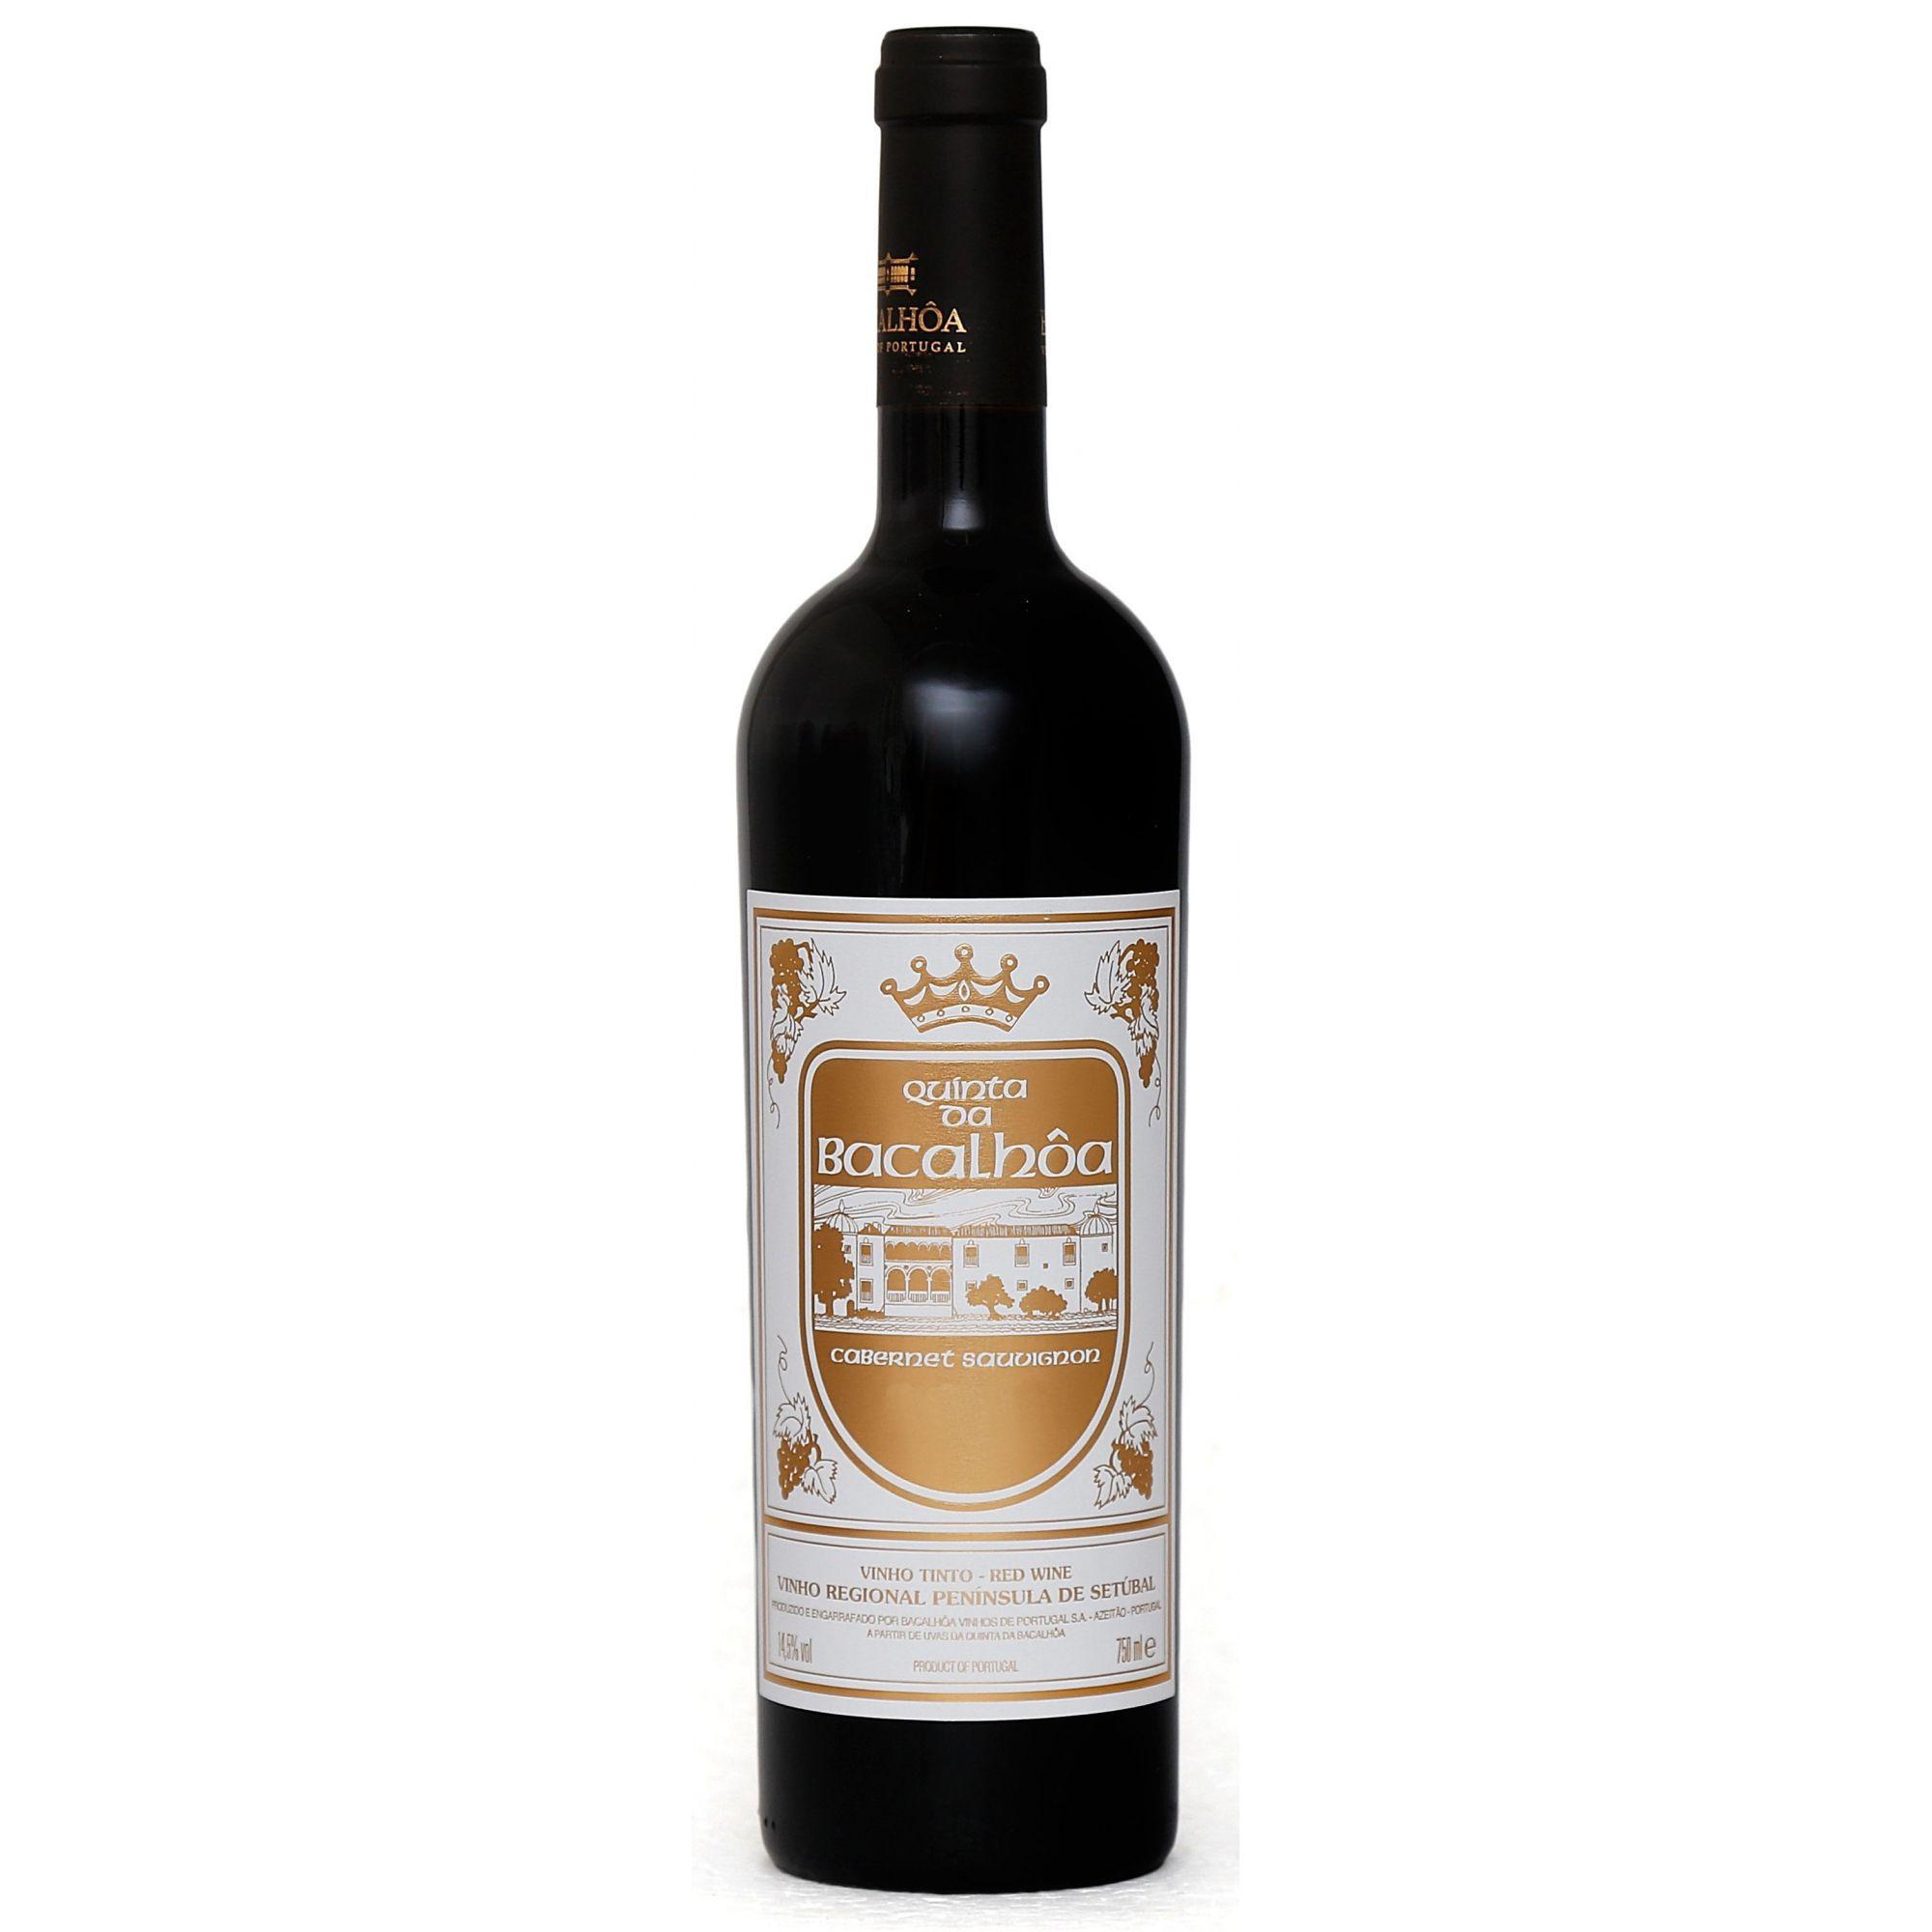 Vinho Quinta da Bacalhoa Cabernet Sauvignon